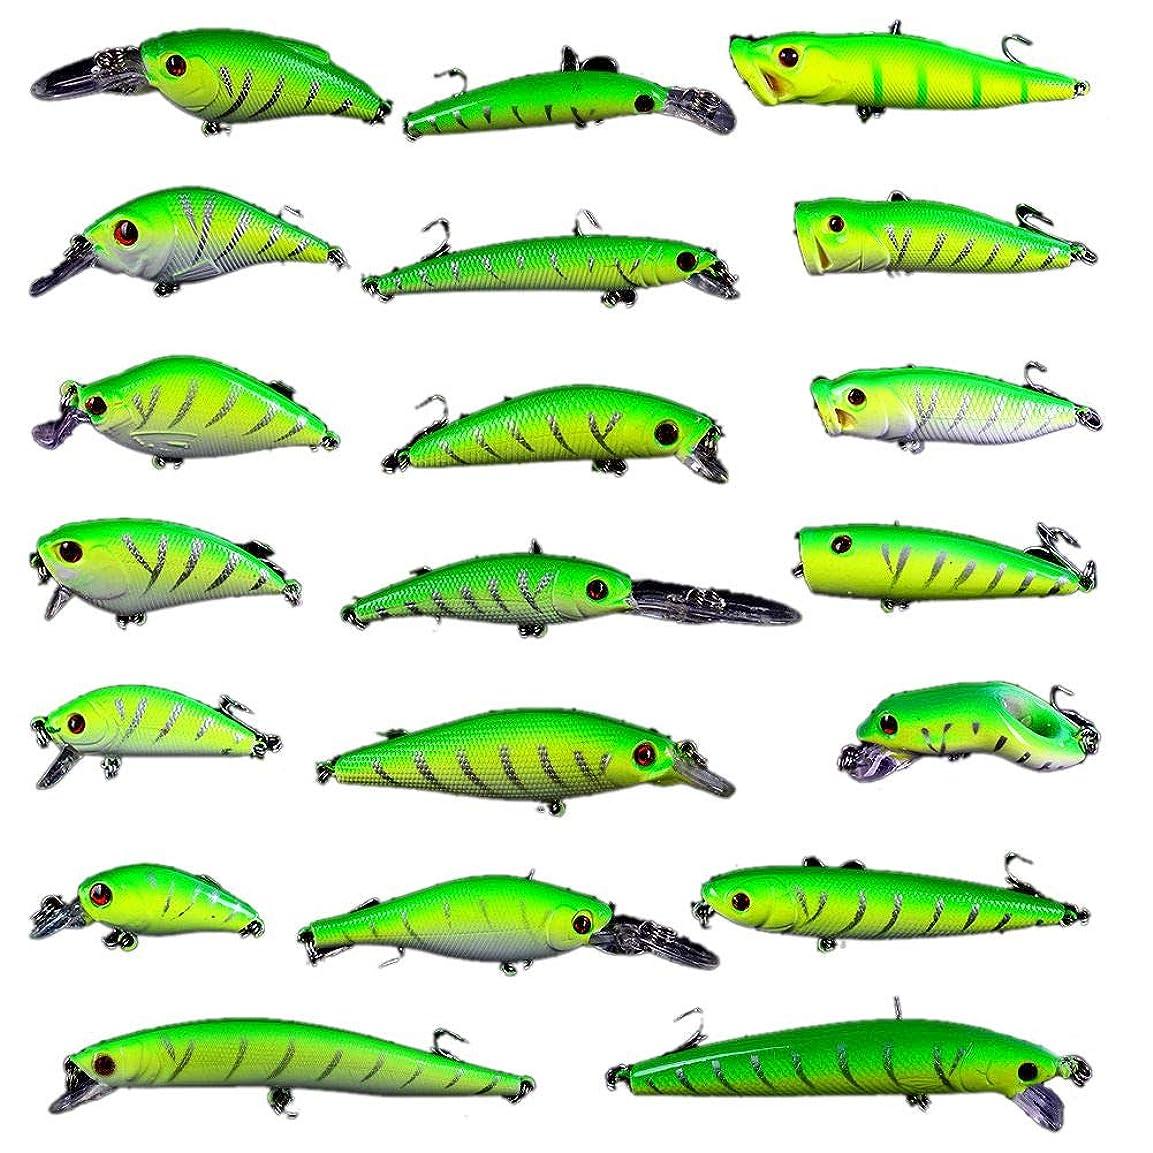 仲間オプショナル応答SNOWINSPRING 20個 釣りルアーセット 釣り餌 ミックス?サイズ 釣りタックル ミックス?ルアー/ポッパールアー/鉛筆 - VIB/クランクルアー